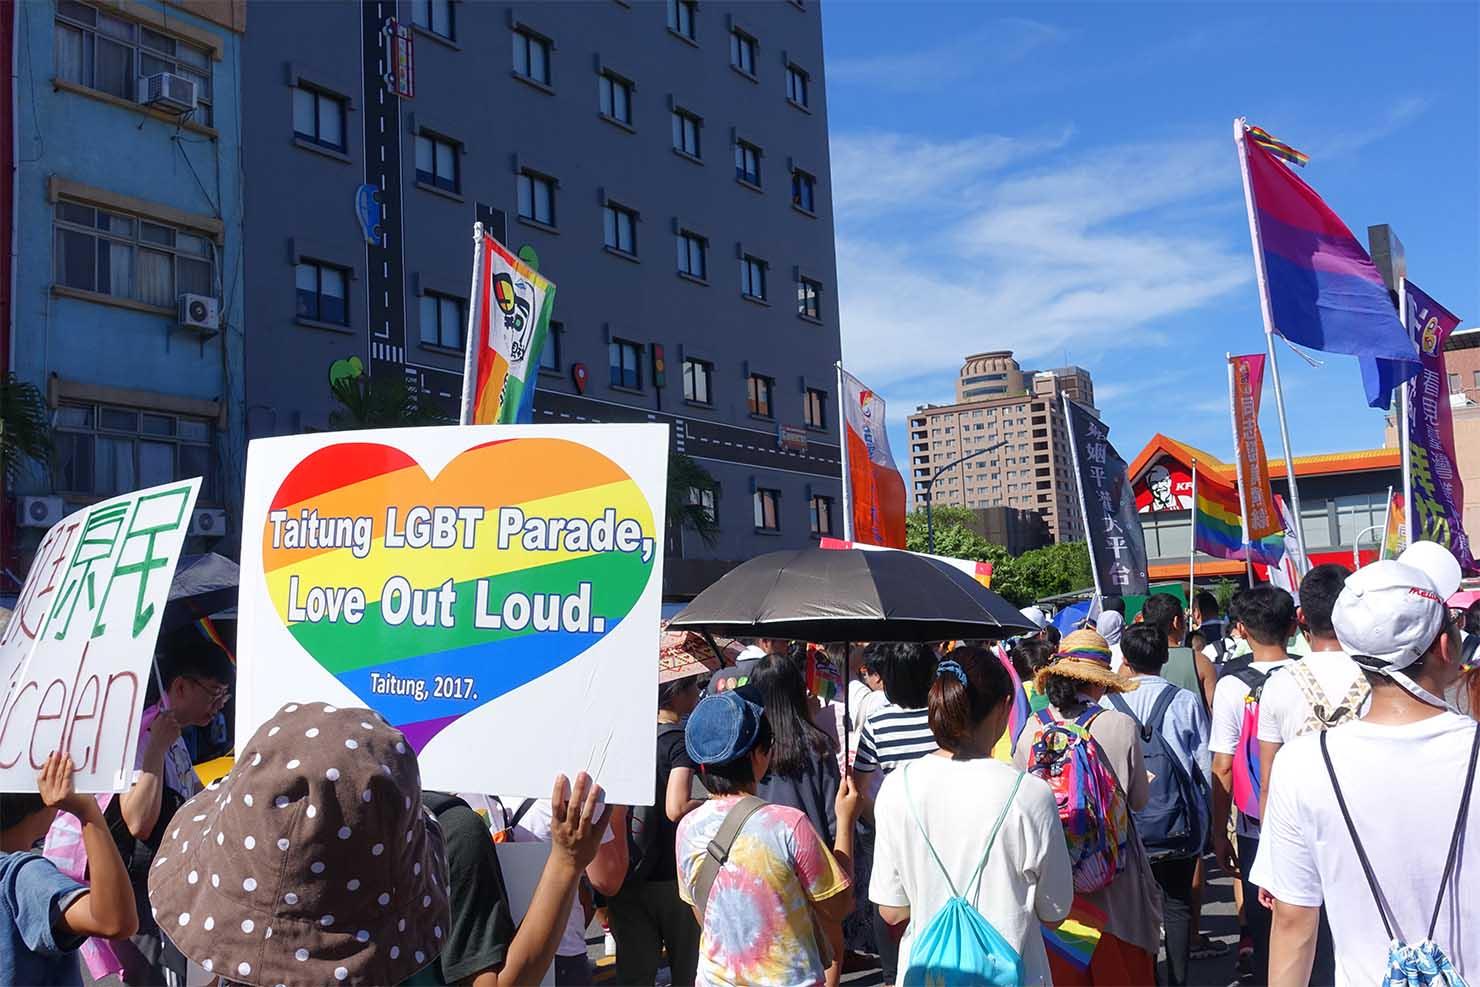 台湾東部のLGBTプライド「花東彩虹嘉年華」でにじいろハートのプラカードを掲げる参加者